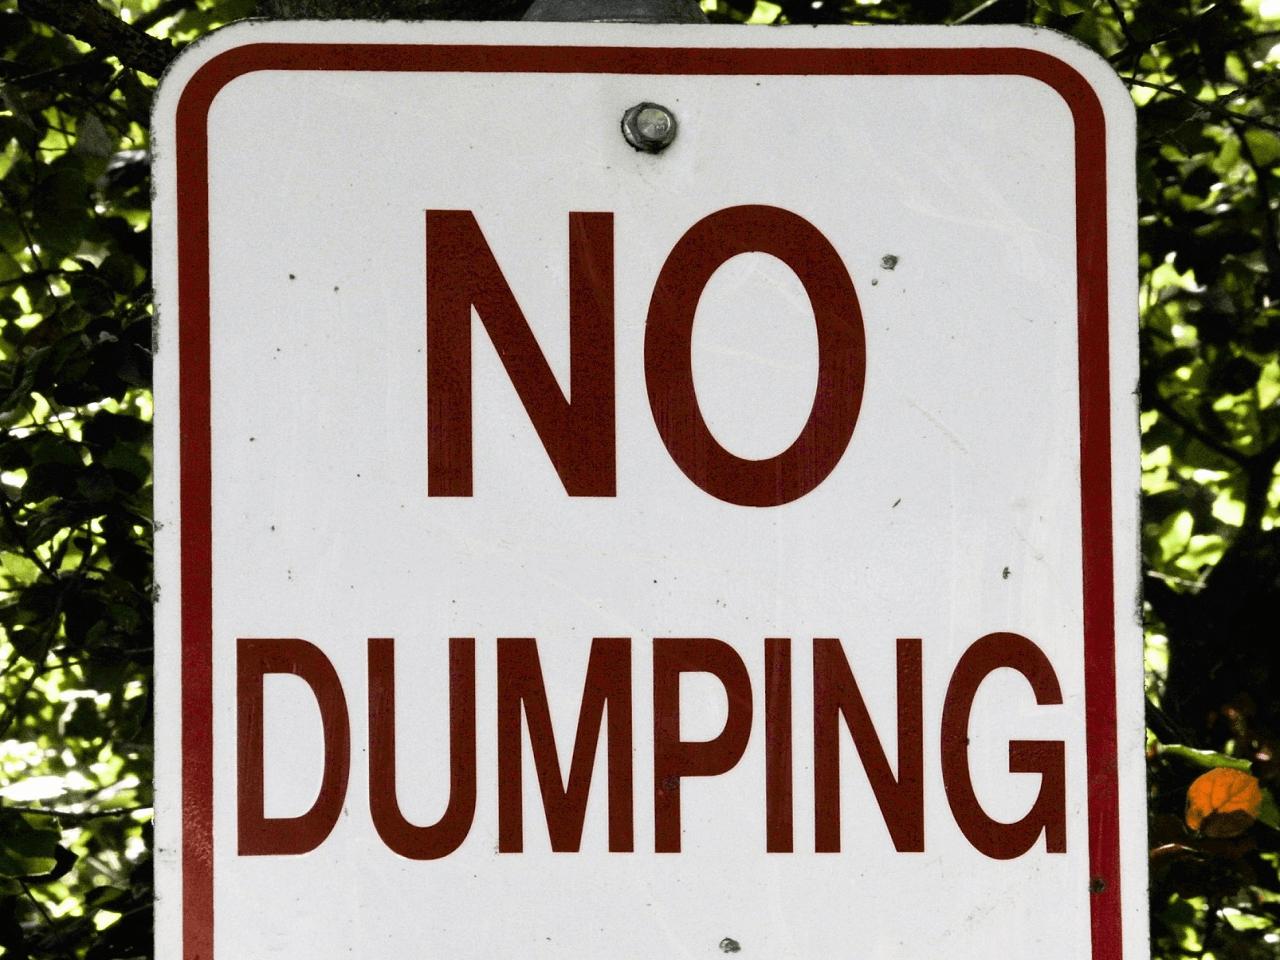 Yürürlükten Kalkan ve Süresi Dolacak Damping Önlemleri İlan Edildi